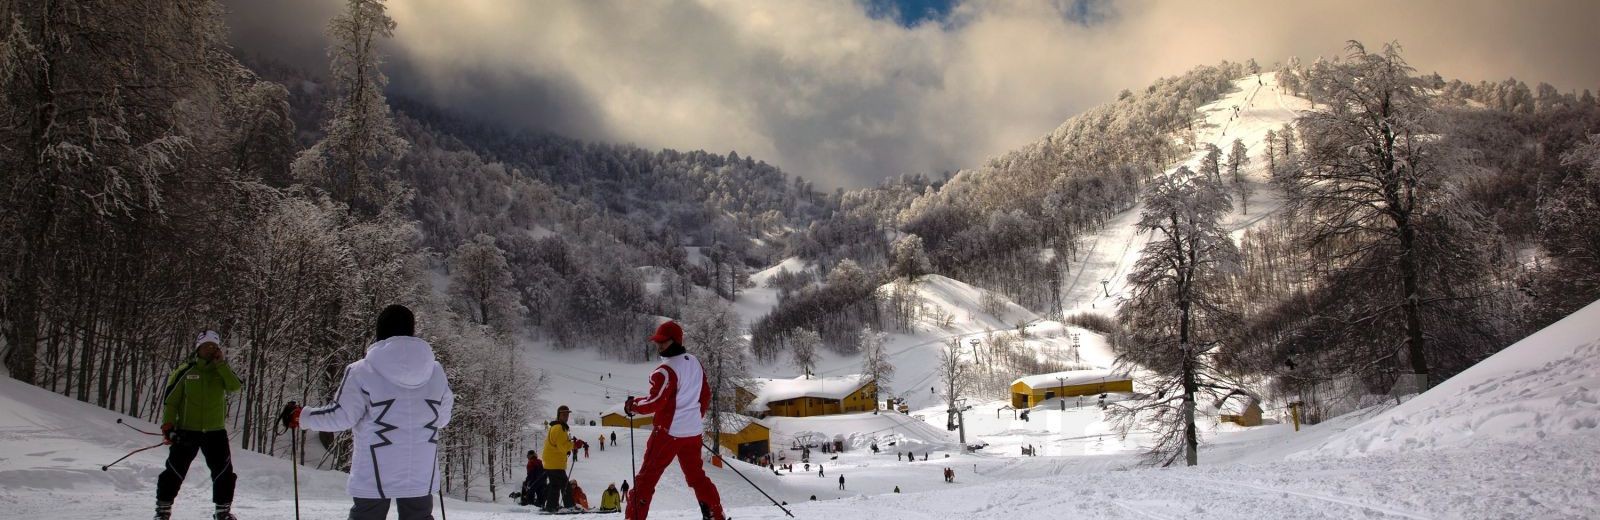 5* Ramada Plaza İzmit Otel Yarım Pansiyon Konaklamalı Kartepe, Maşukiye, Sapanca Kayak ve Doğa Turu (Haftanın Hergünü Hareketli)